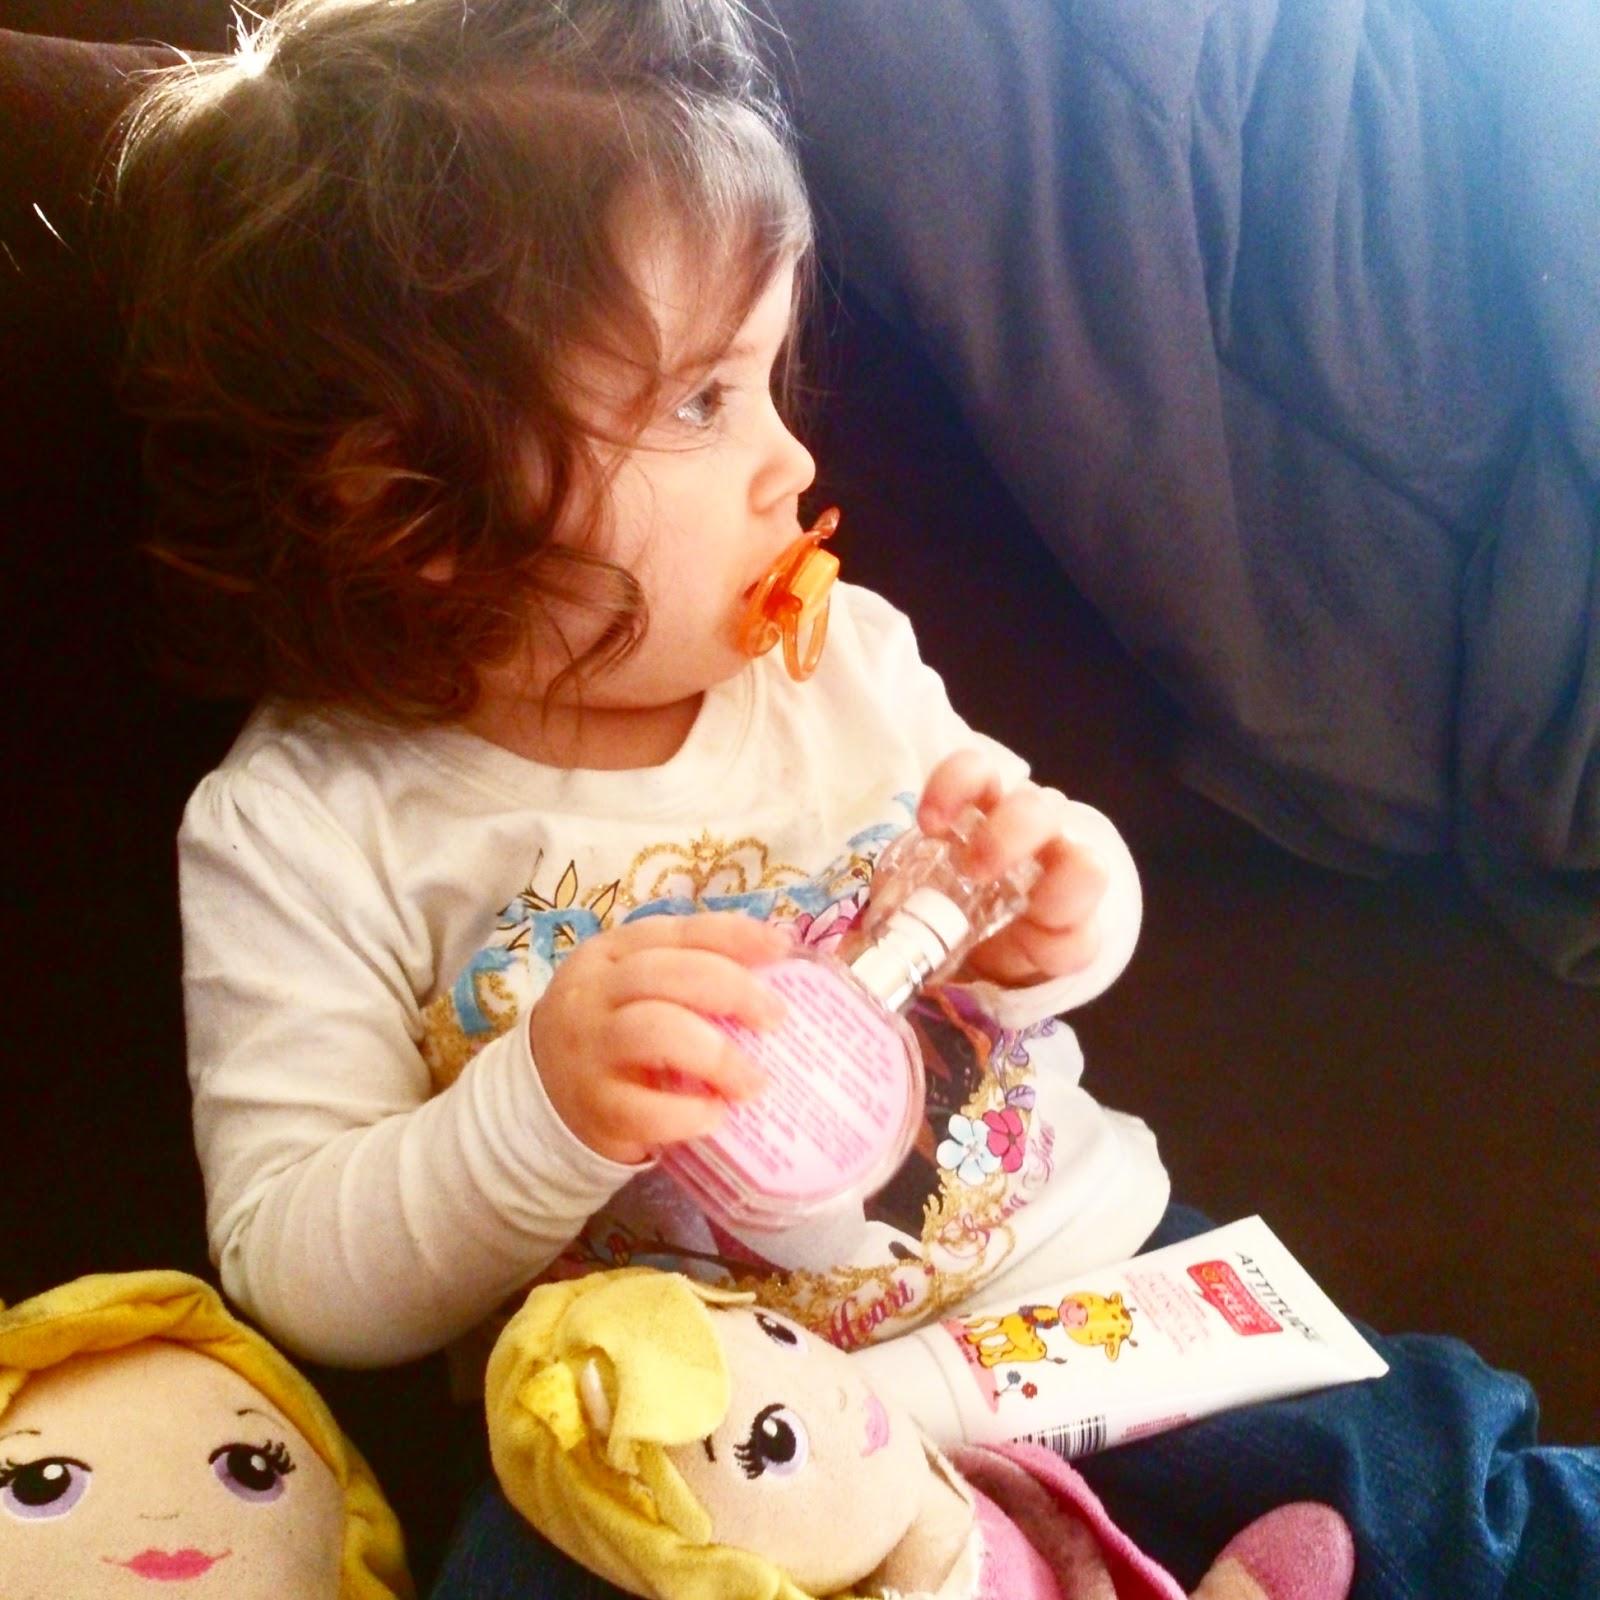 Mini Radieuse aime les petits pots de crèmes: Weleda, Princesse Jujube, #ATTITUDEtoutpetits et les autres